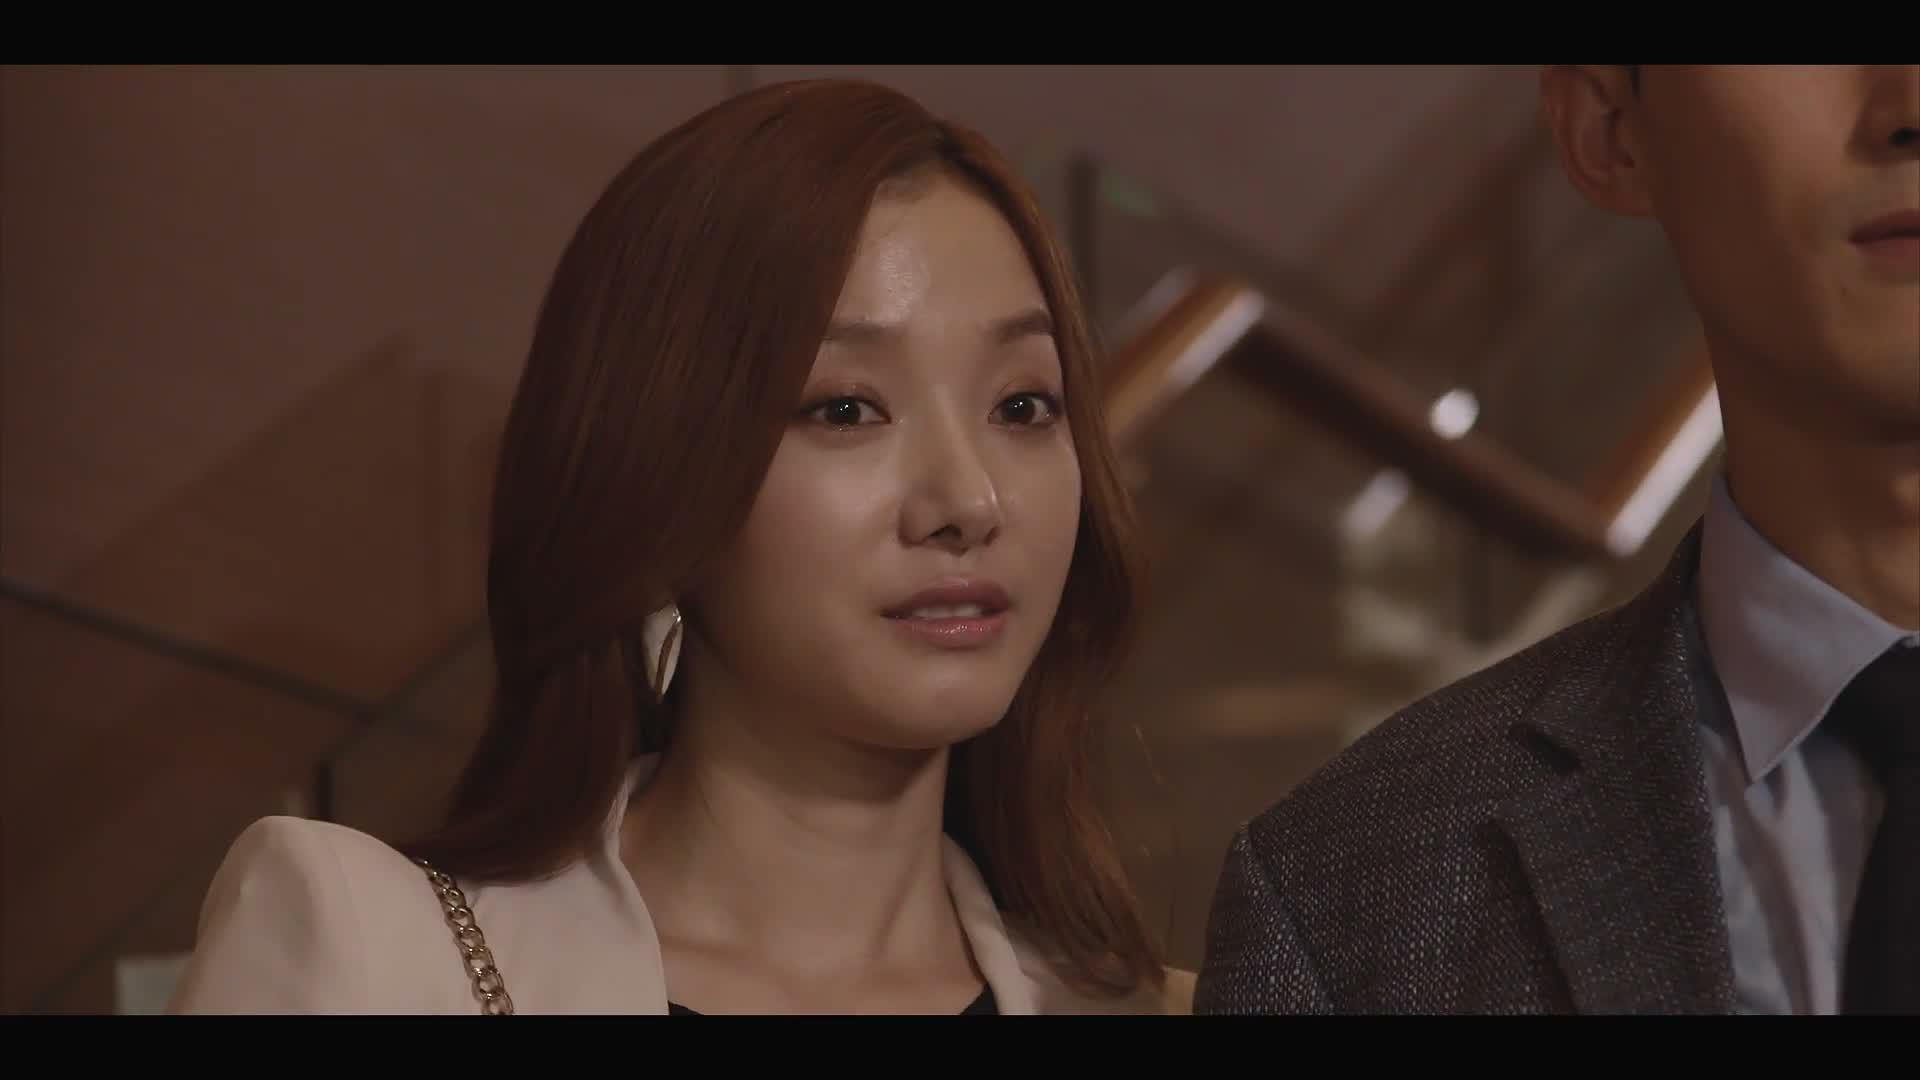 我看过我以前知道一个韩国不记得是电视婆媳电视剧里面有这样一个还是片段刷电影图片